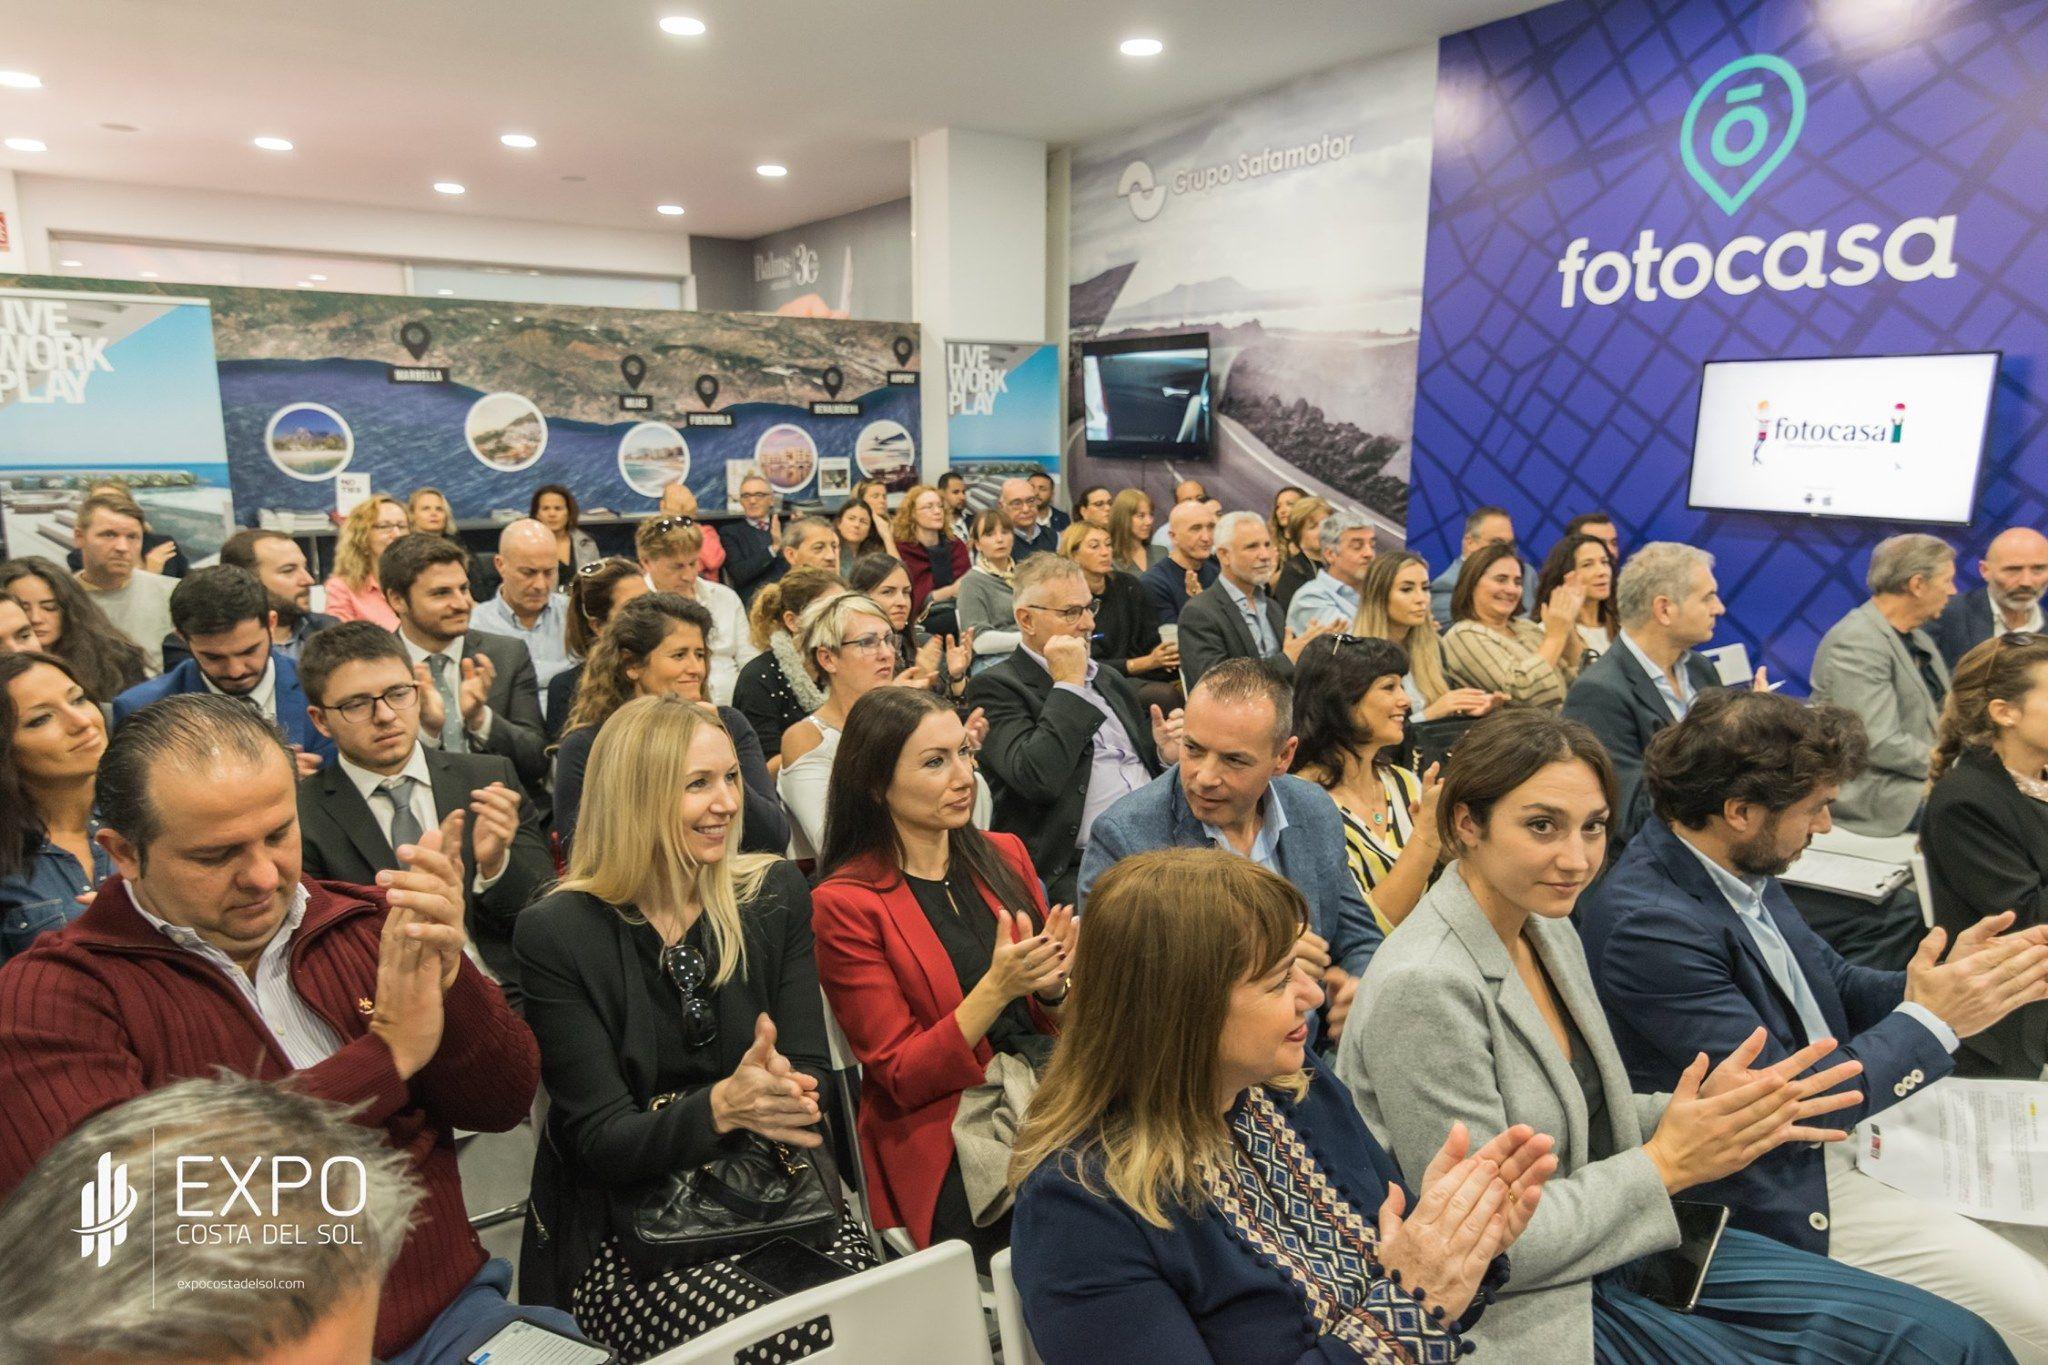 Habitat Inmobiliaria, Lainer y Atlas Group presentaron sus nuevos proyectos en EXPO Costa del Sol